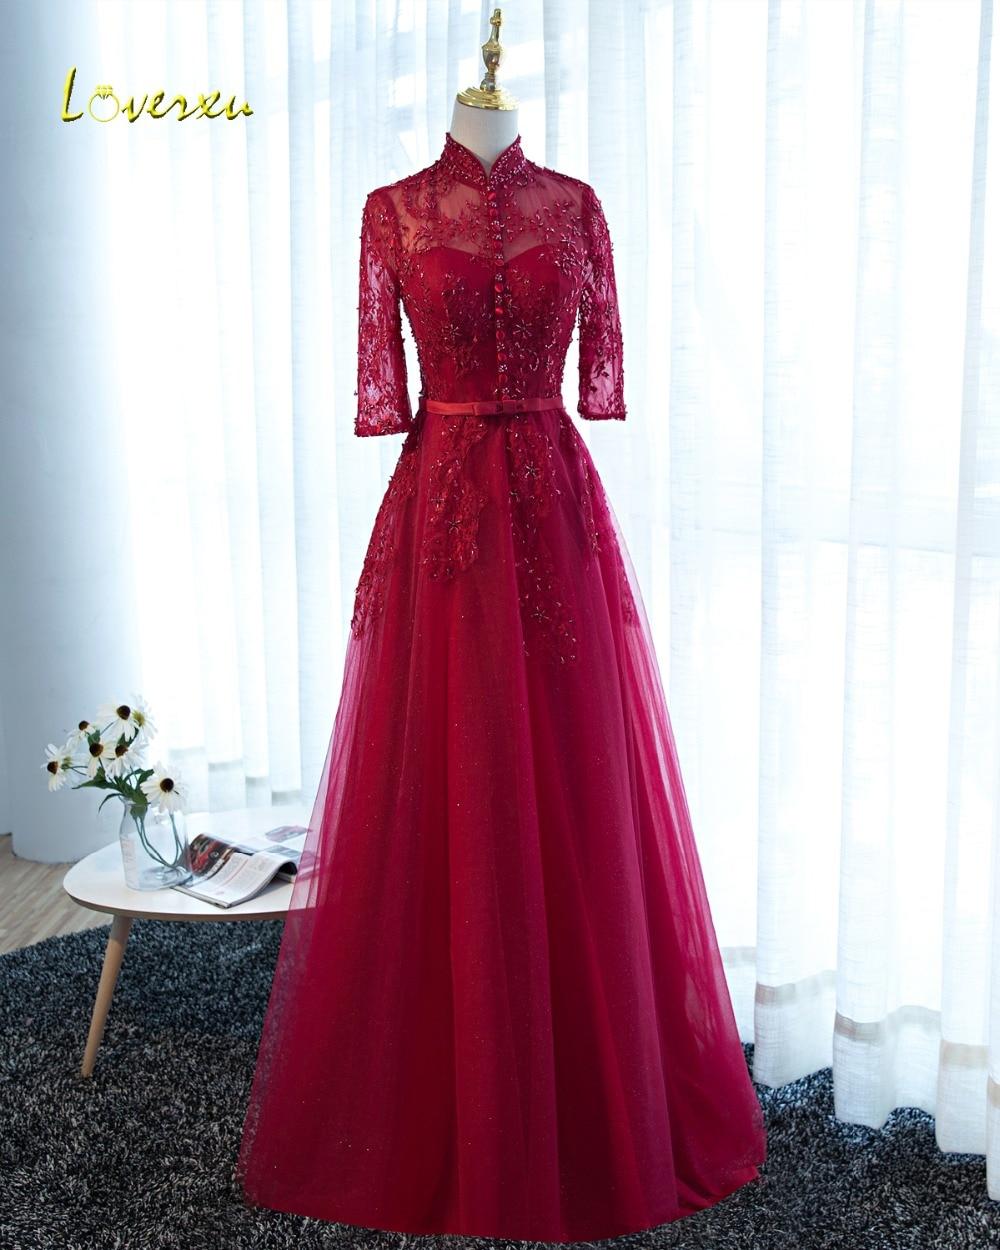 Loverxu Vintage High Neck Lace Half Sleeve Burgundy Evening Dresses 2019 Appliques Beaded Party Gown Vestido de Festa Plus Size